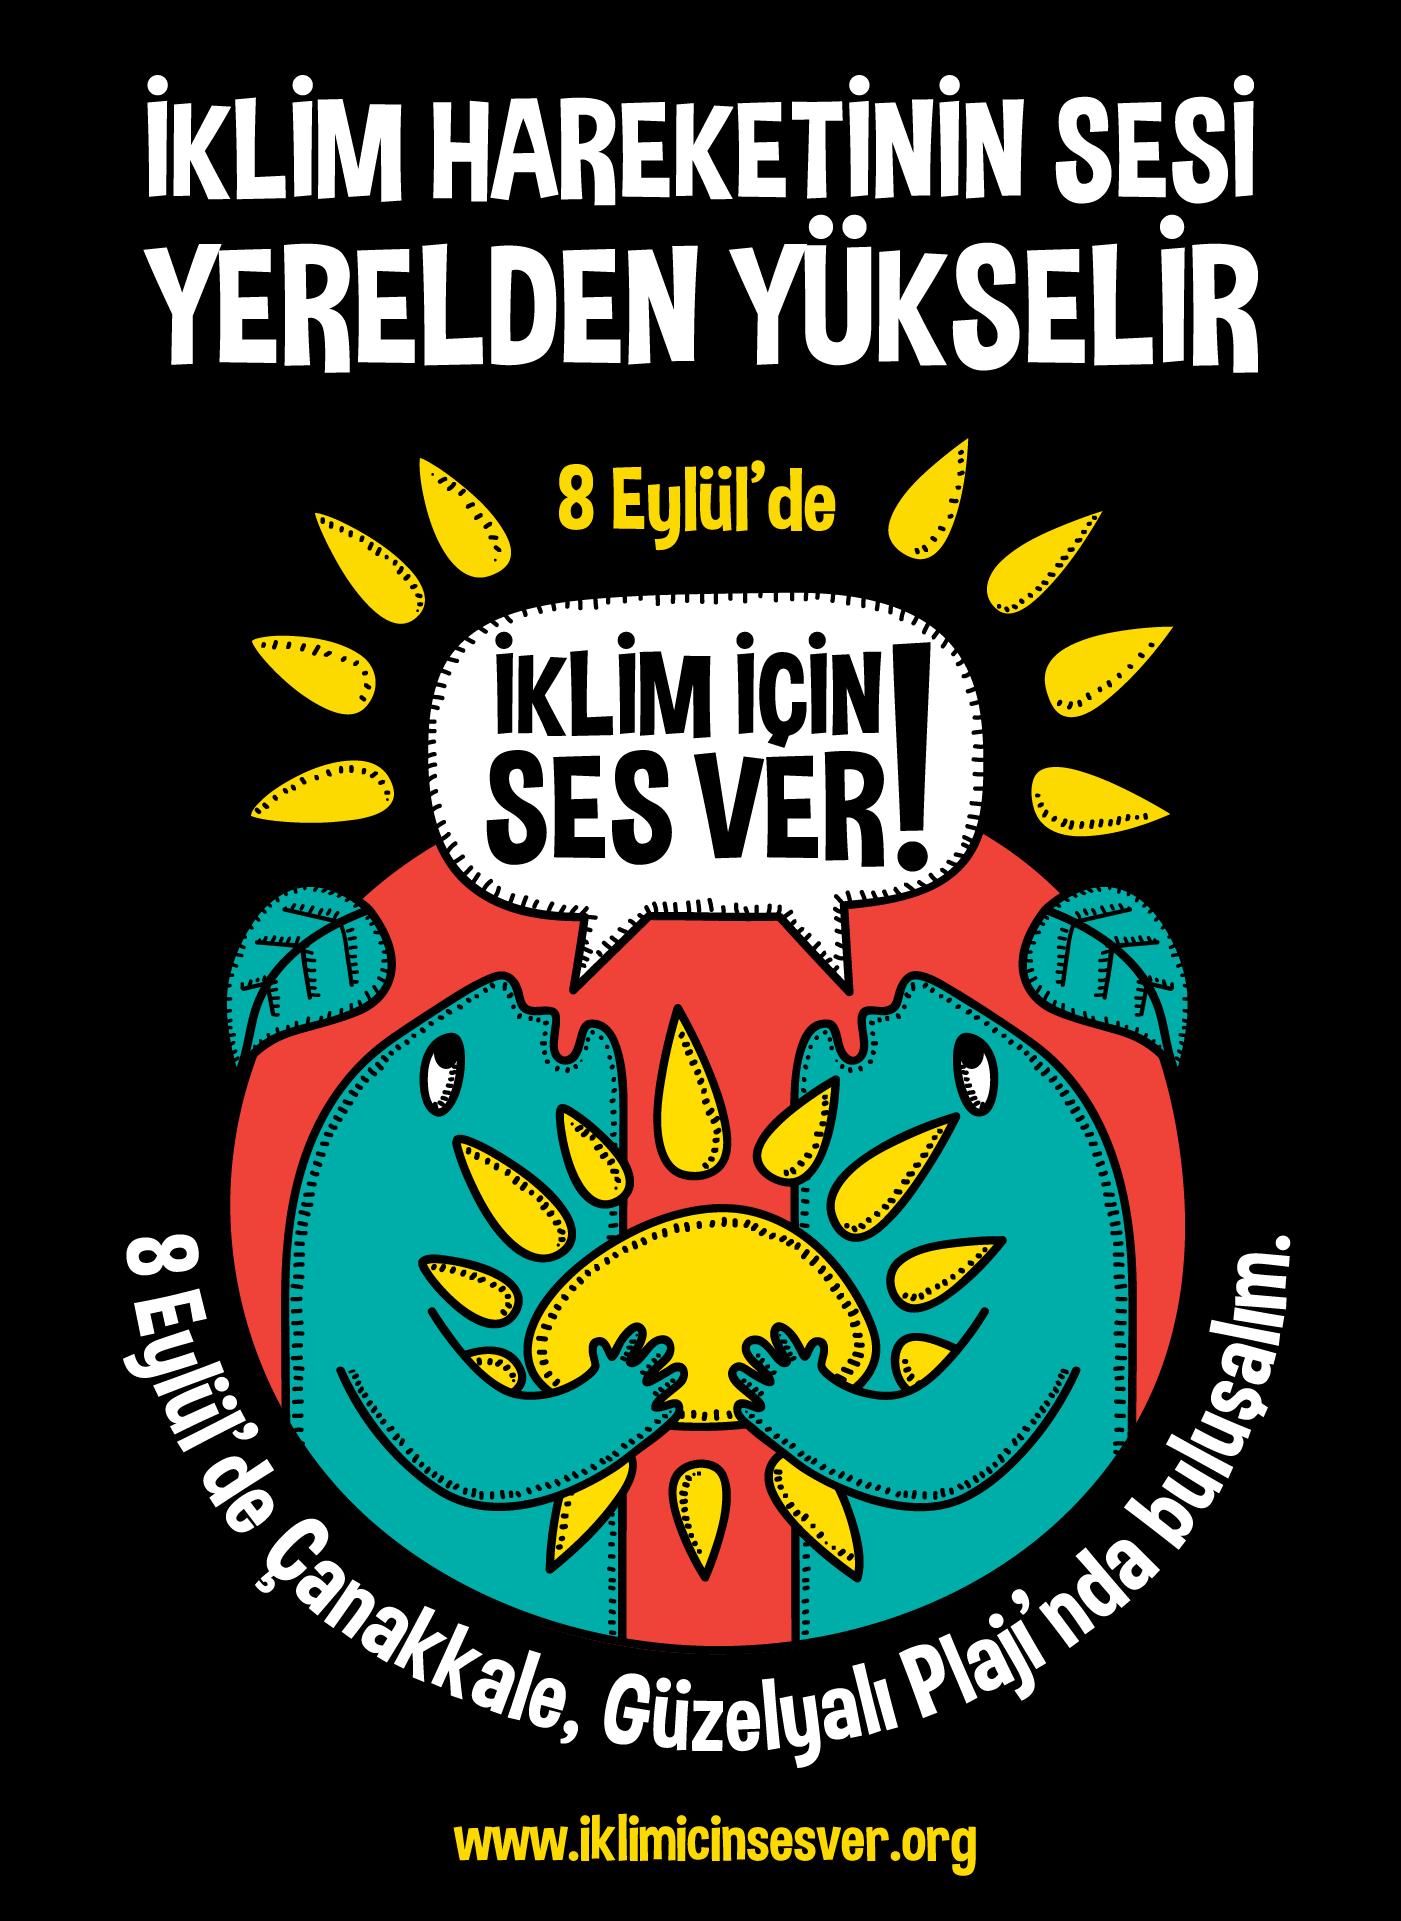 Postera3-canakkale-guzelyalirgb-03